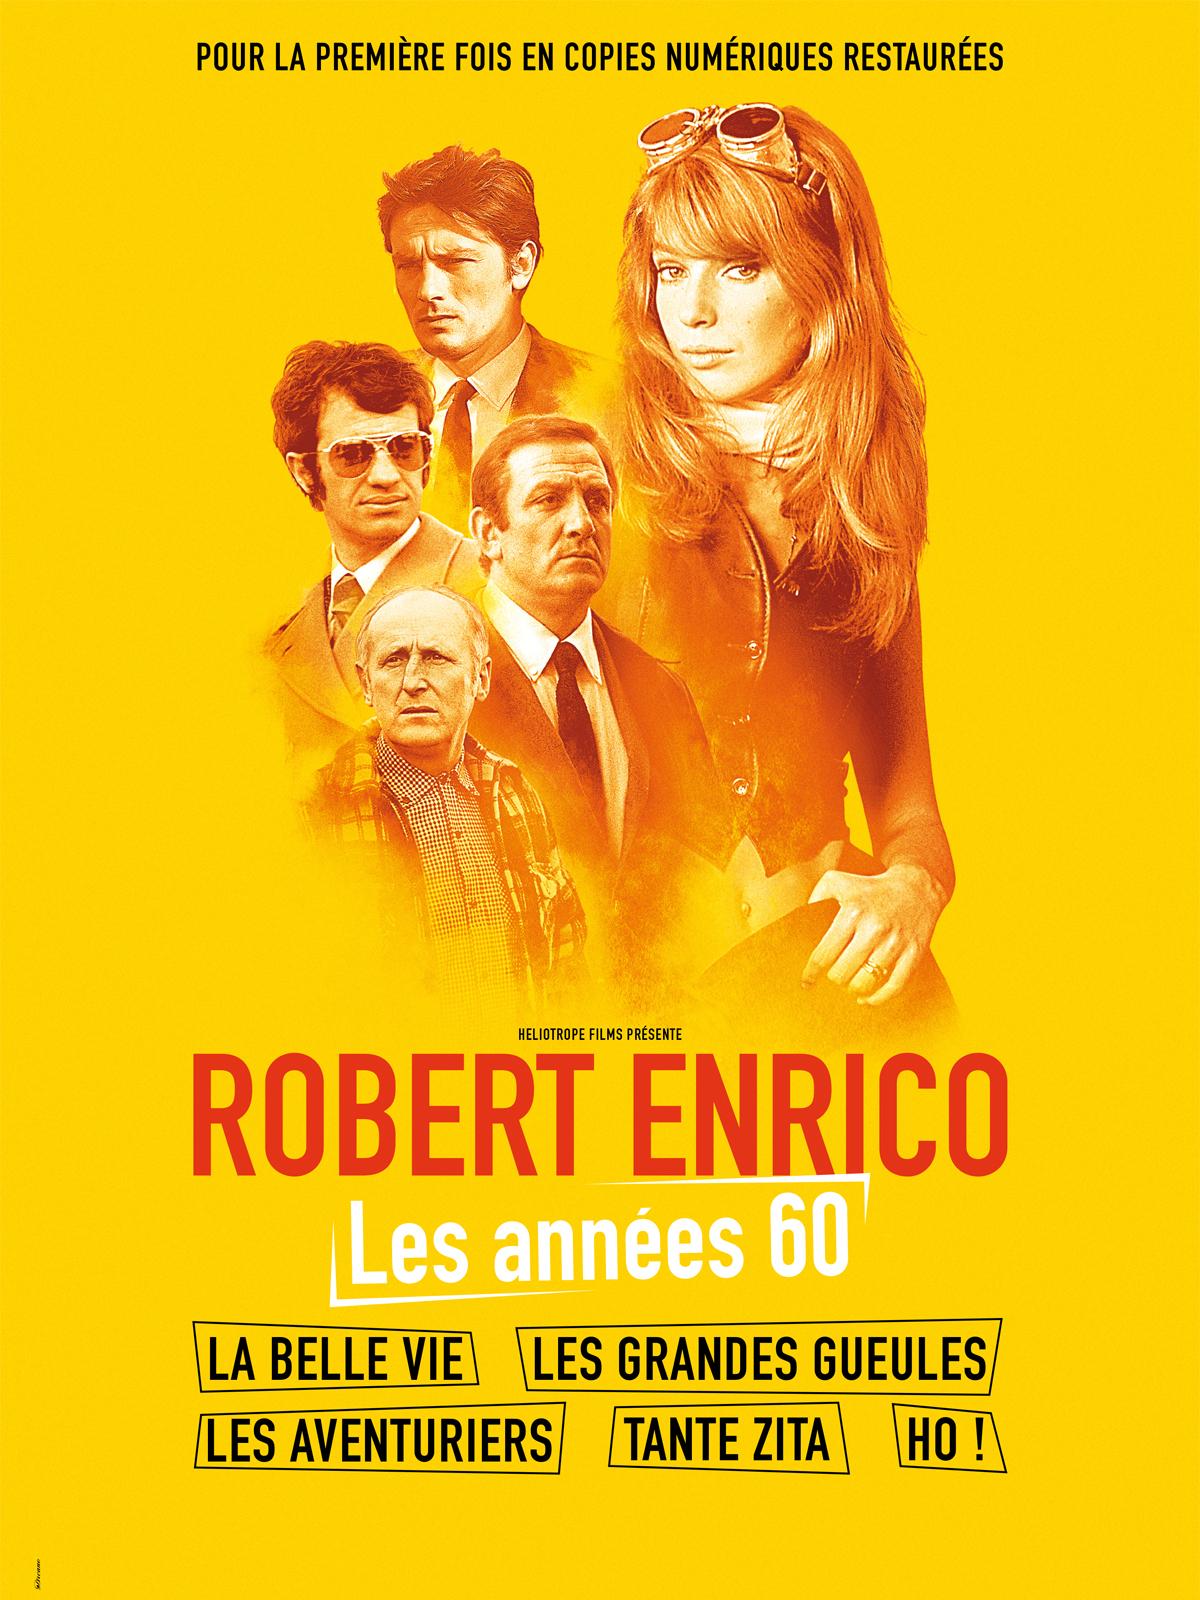 Robert Enrico, les années 60